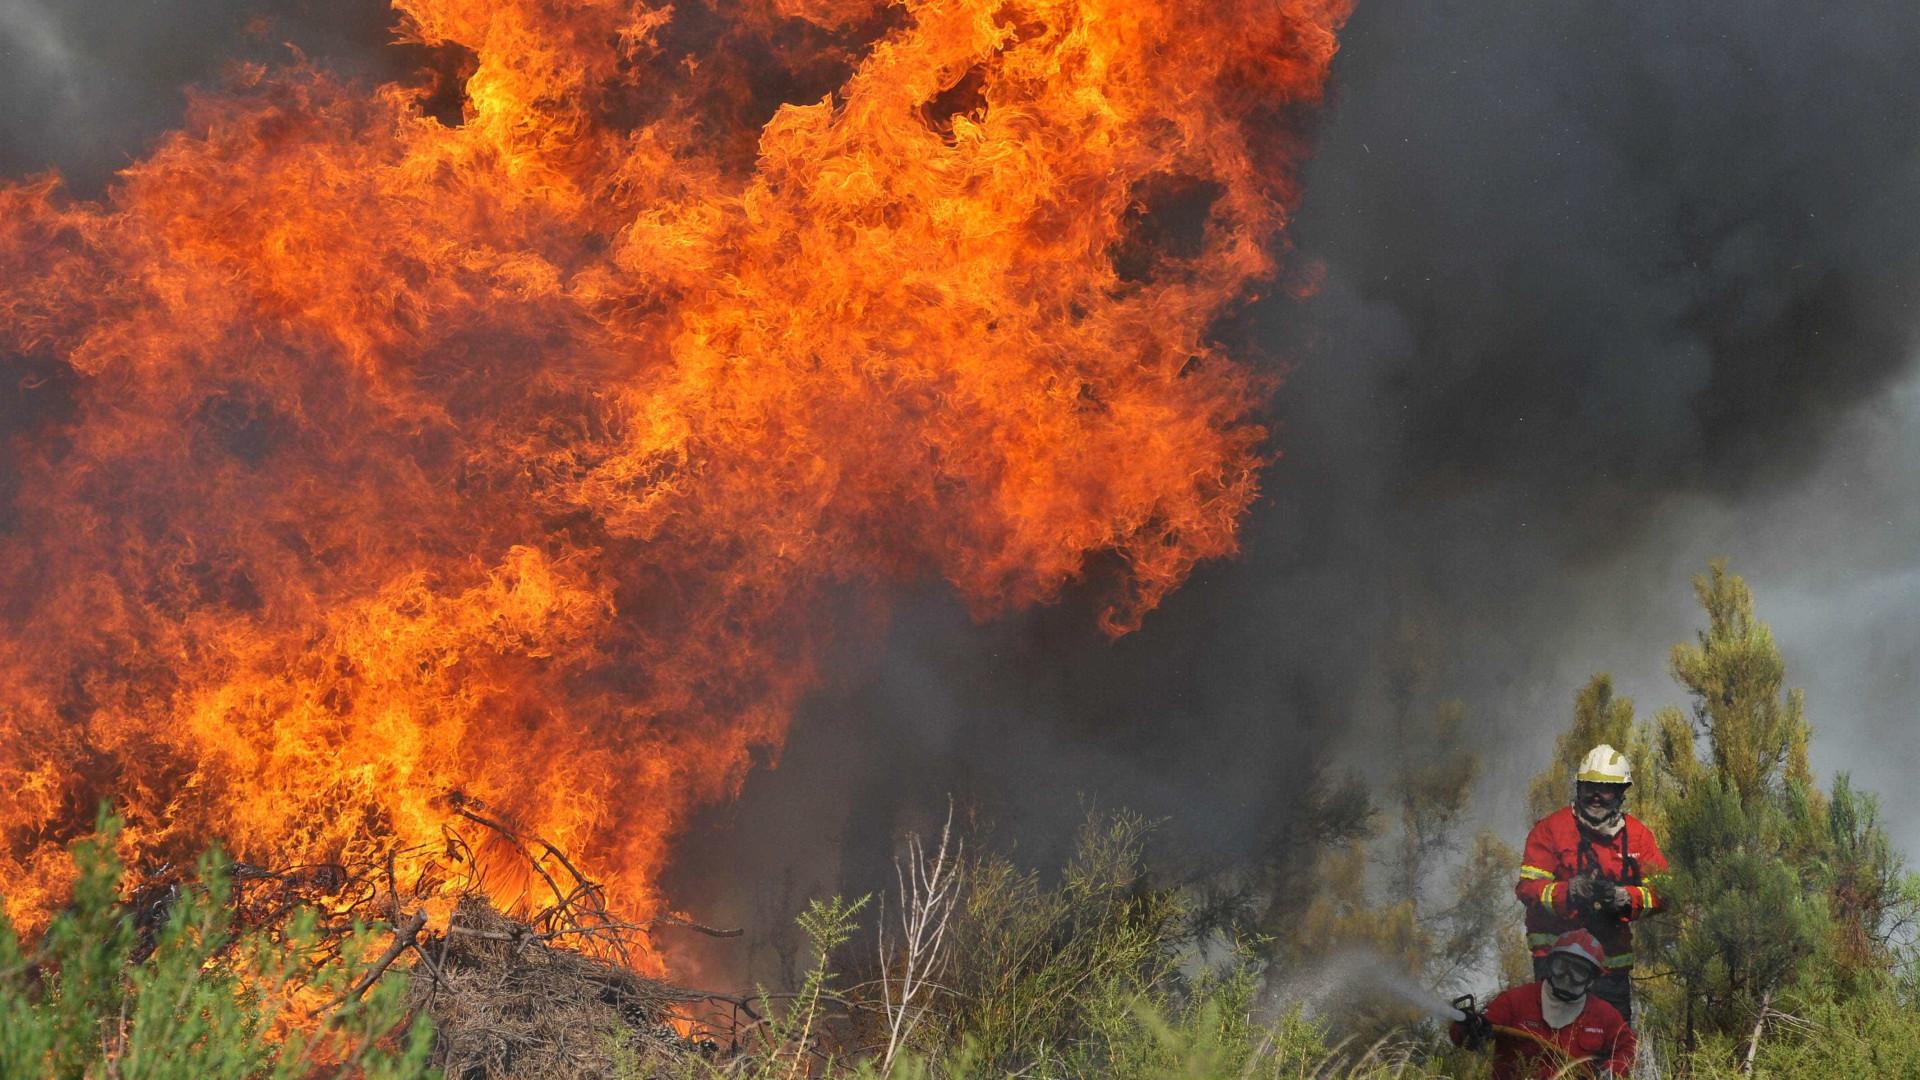 Autarca de Ribeira de Pena preocupado com fogos que dispersam os meios